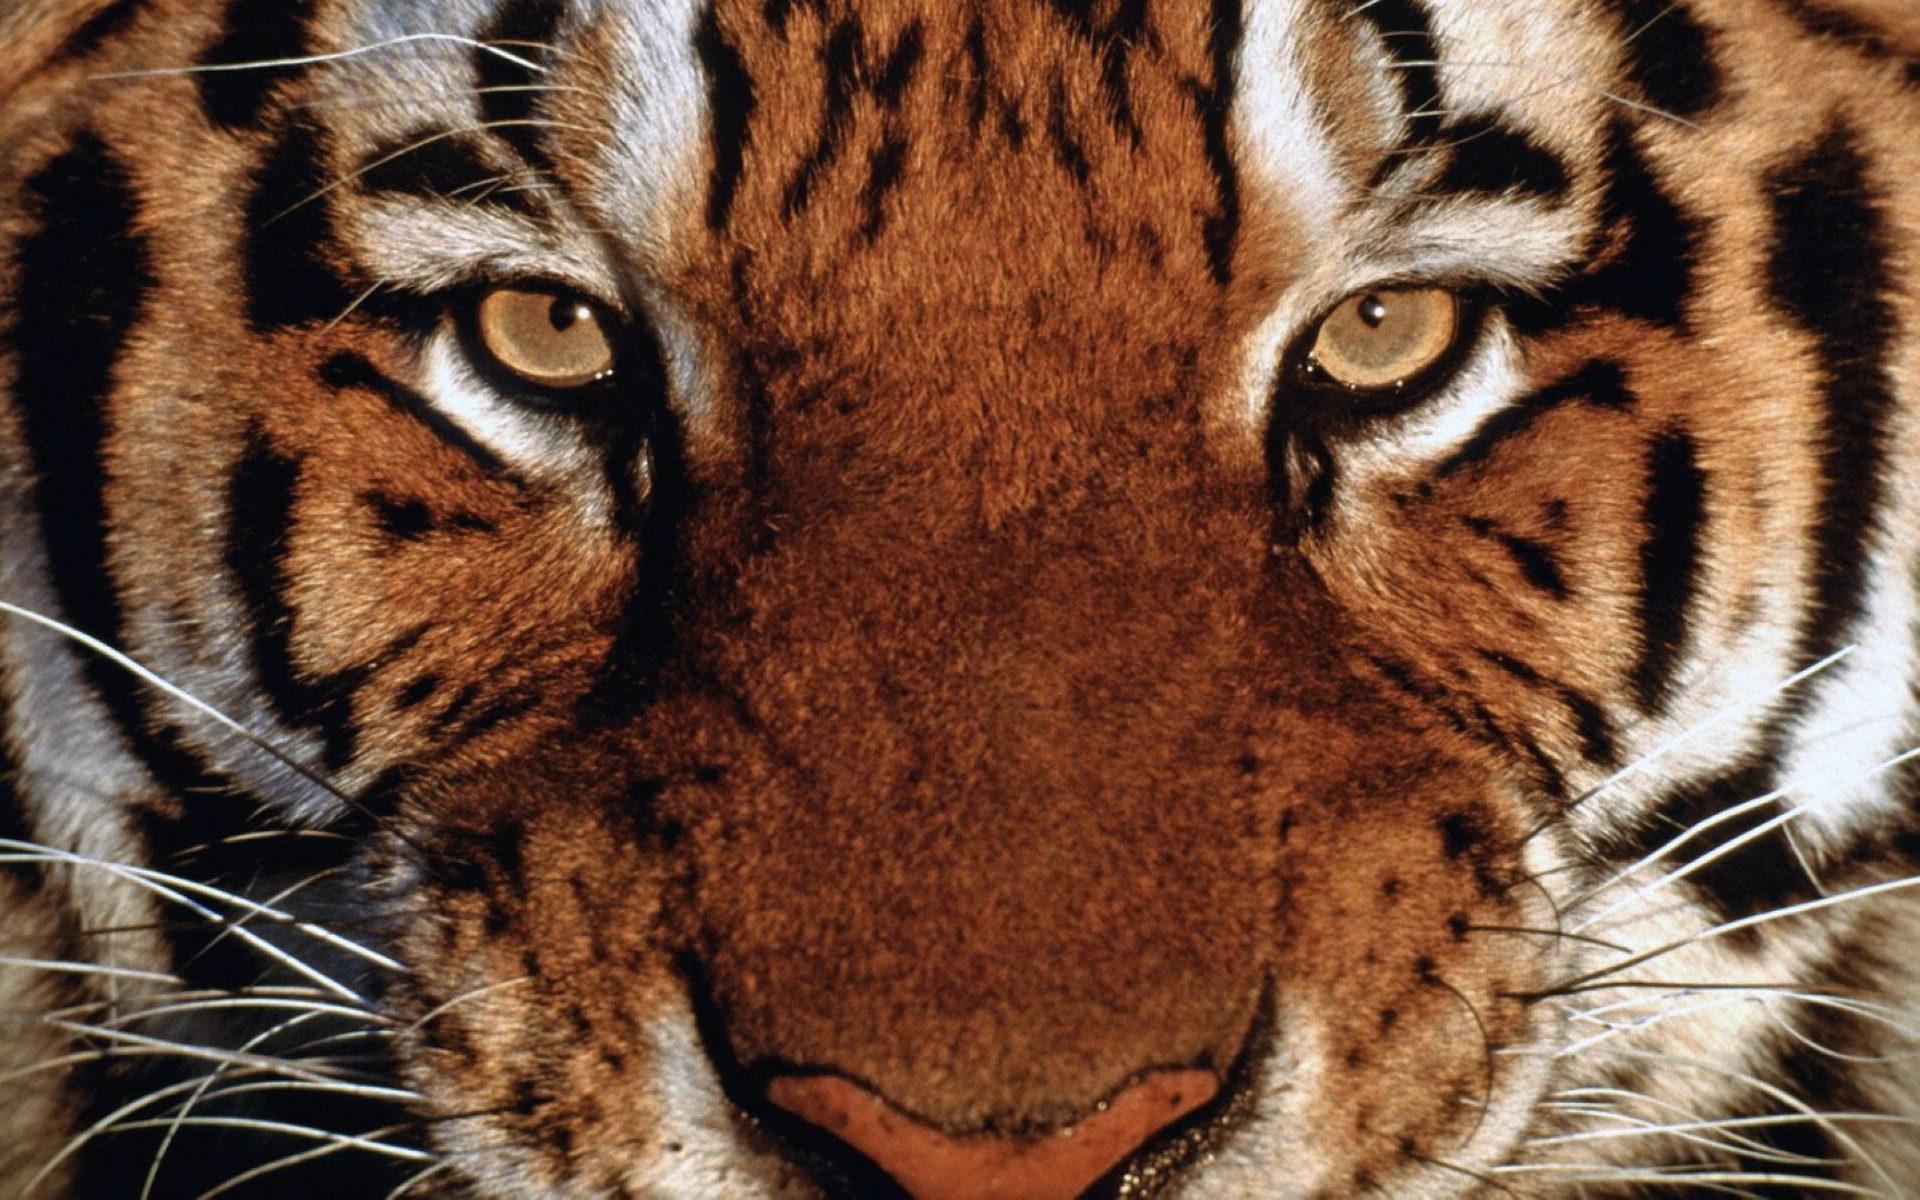 Tiger Close